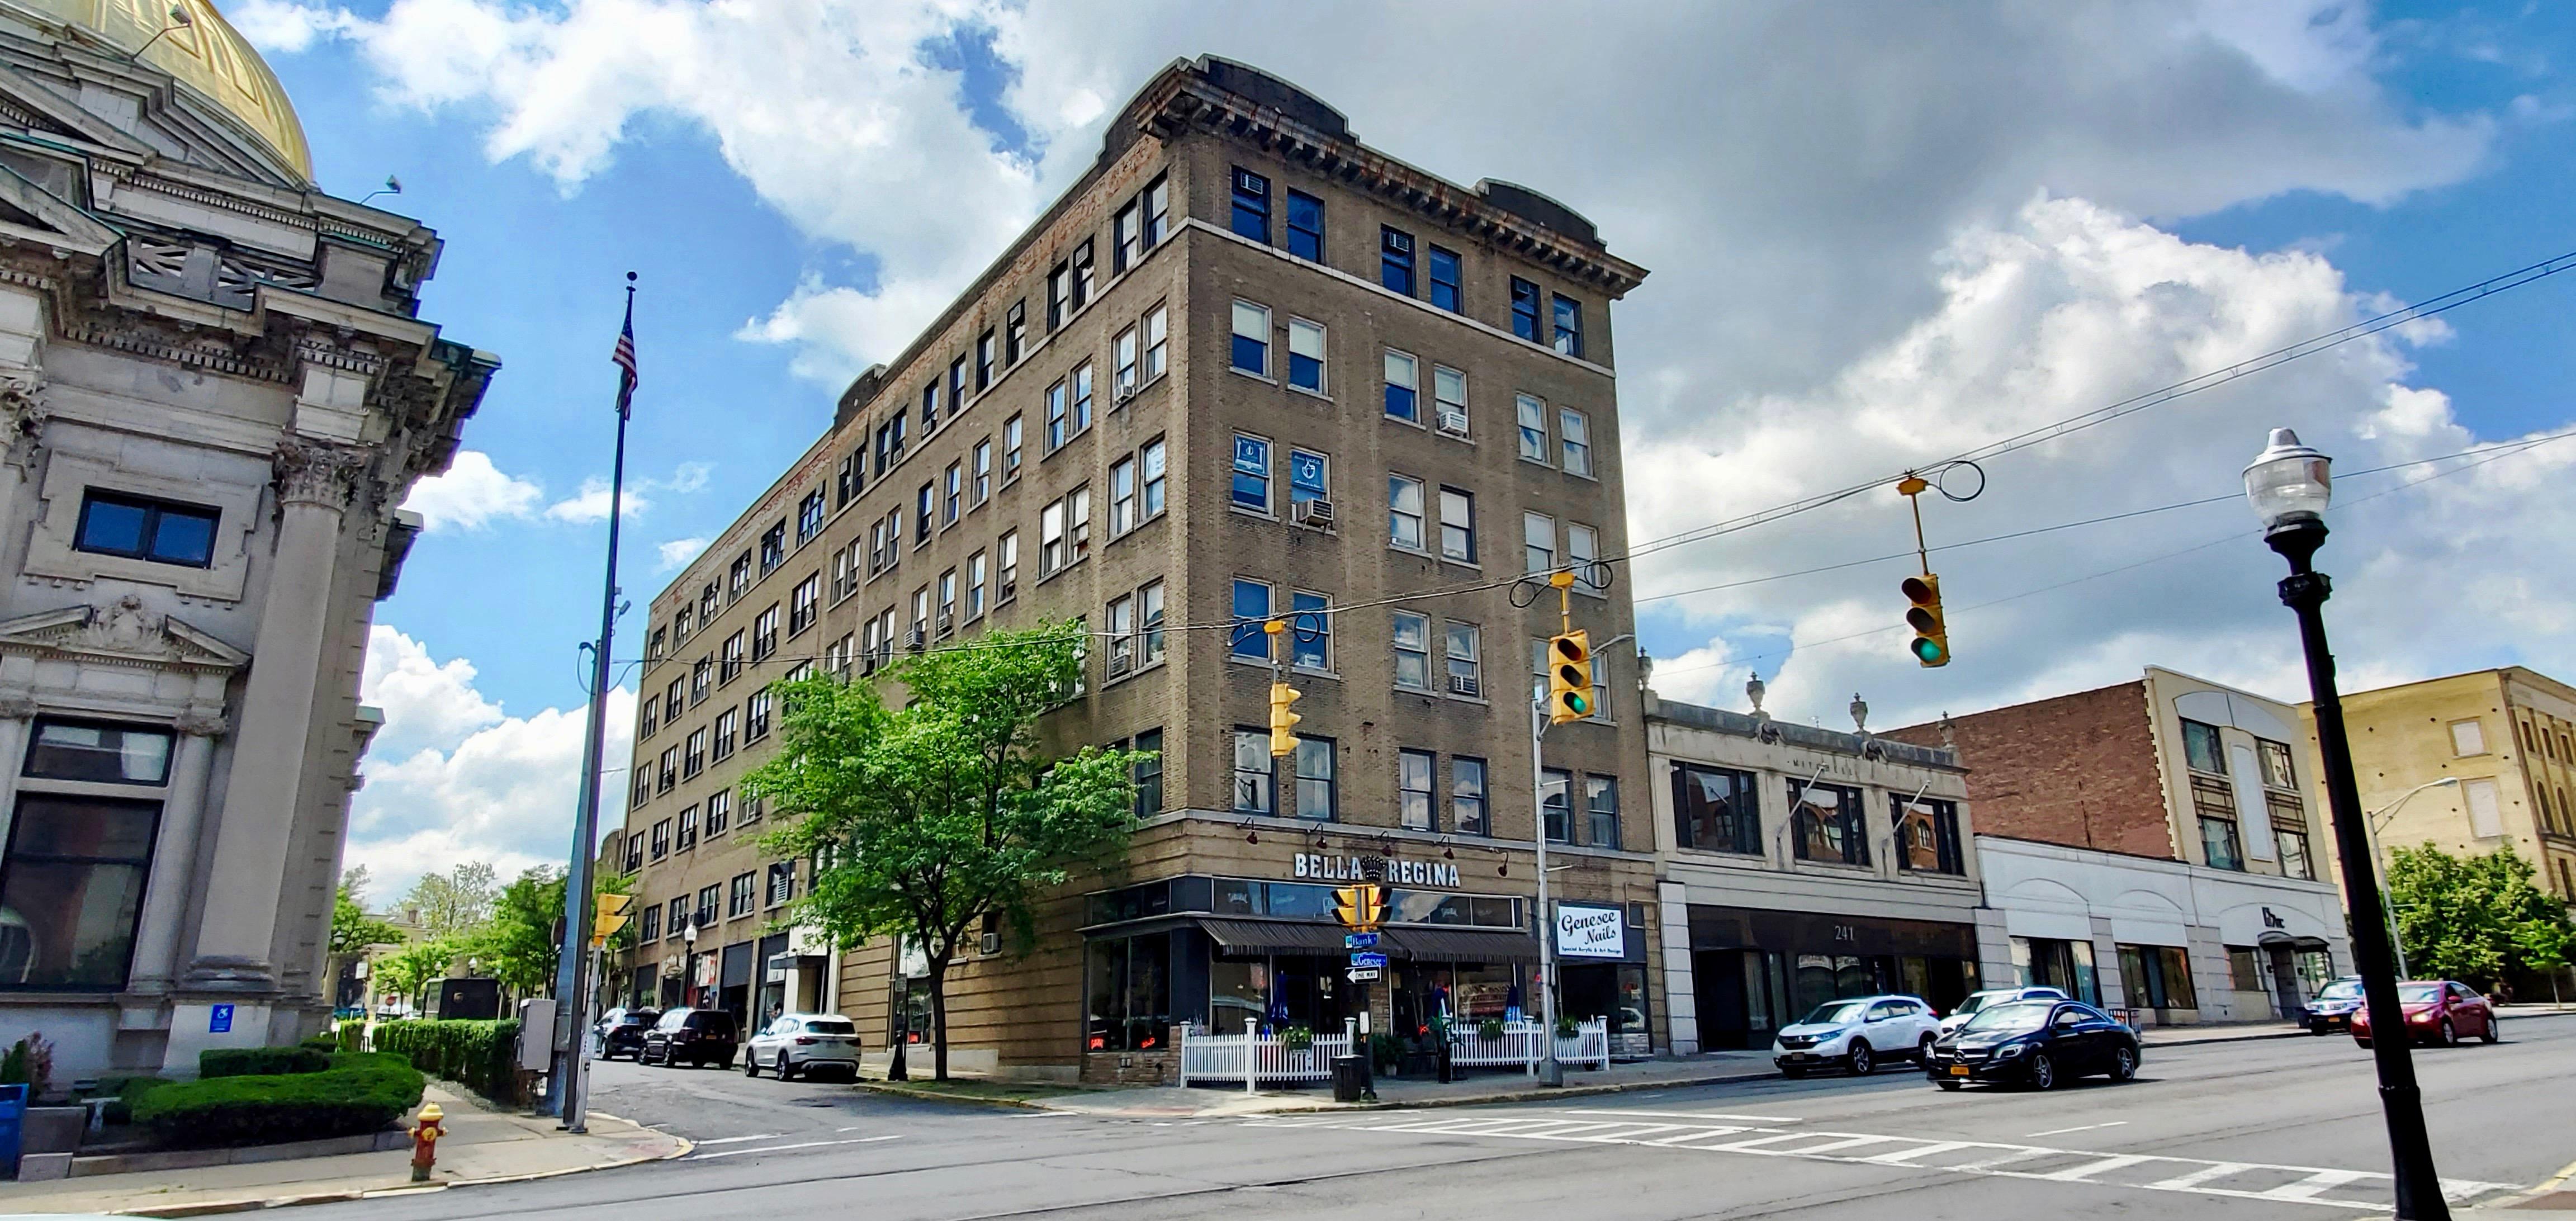 239 Genesee Street, Utica, New York